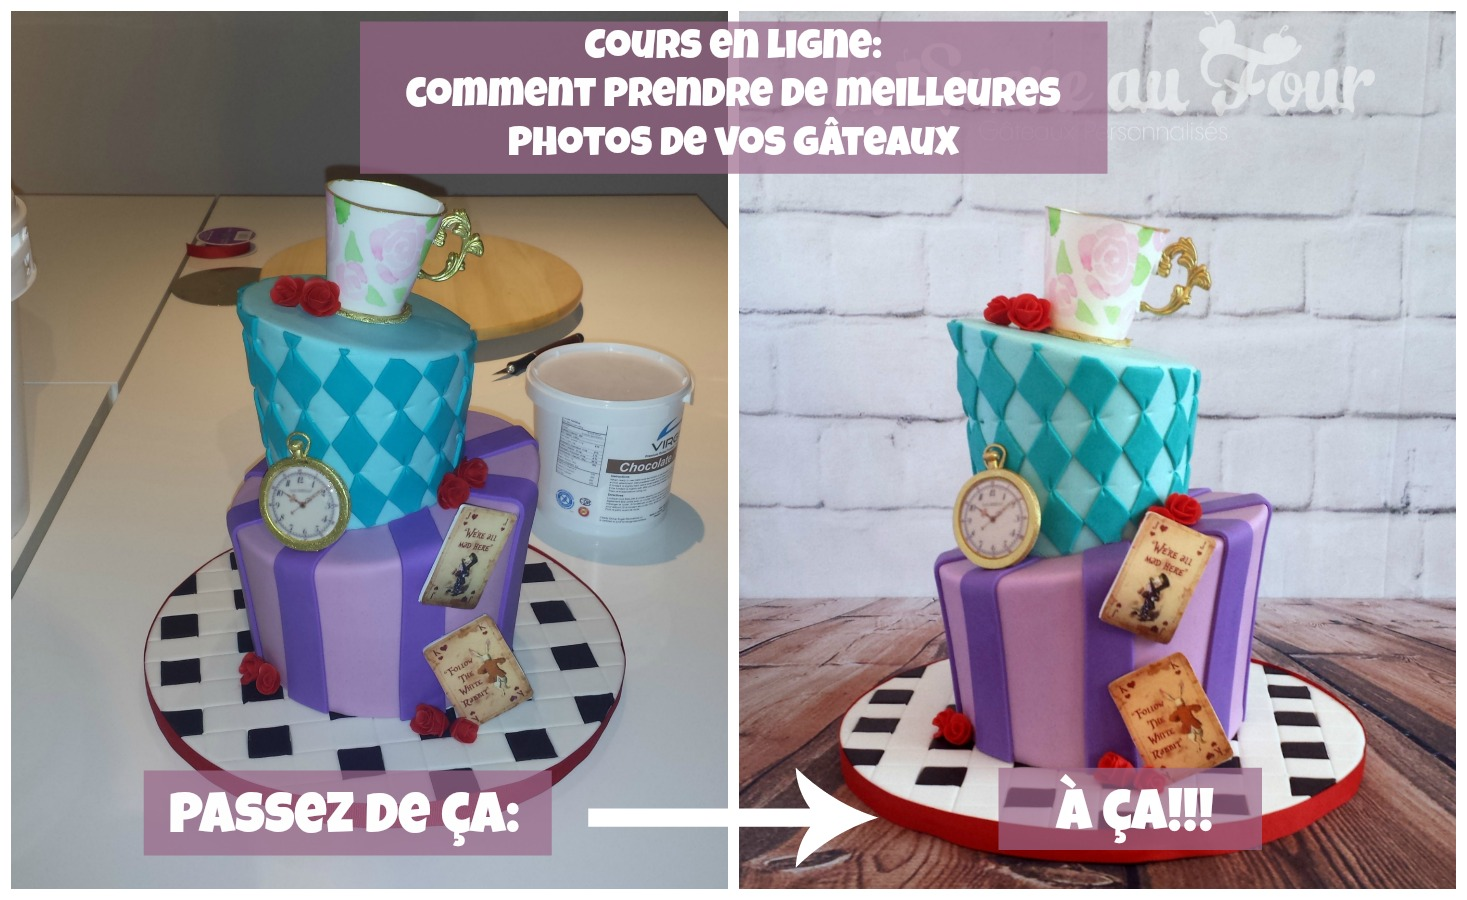 cours de cake design en ligne: Prendre de meilleurs photos de vos gâteaux